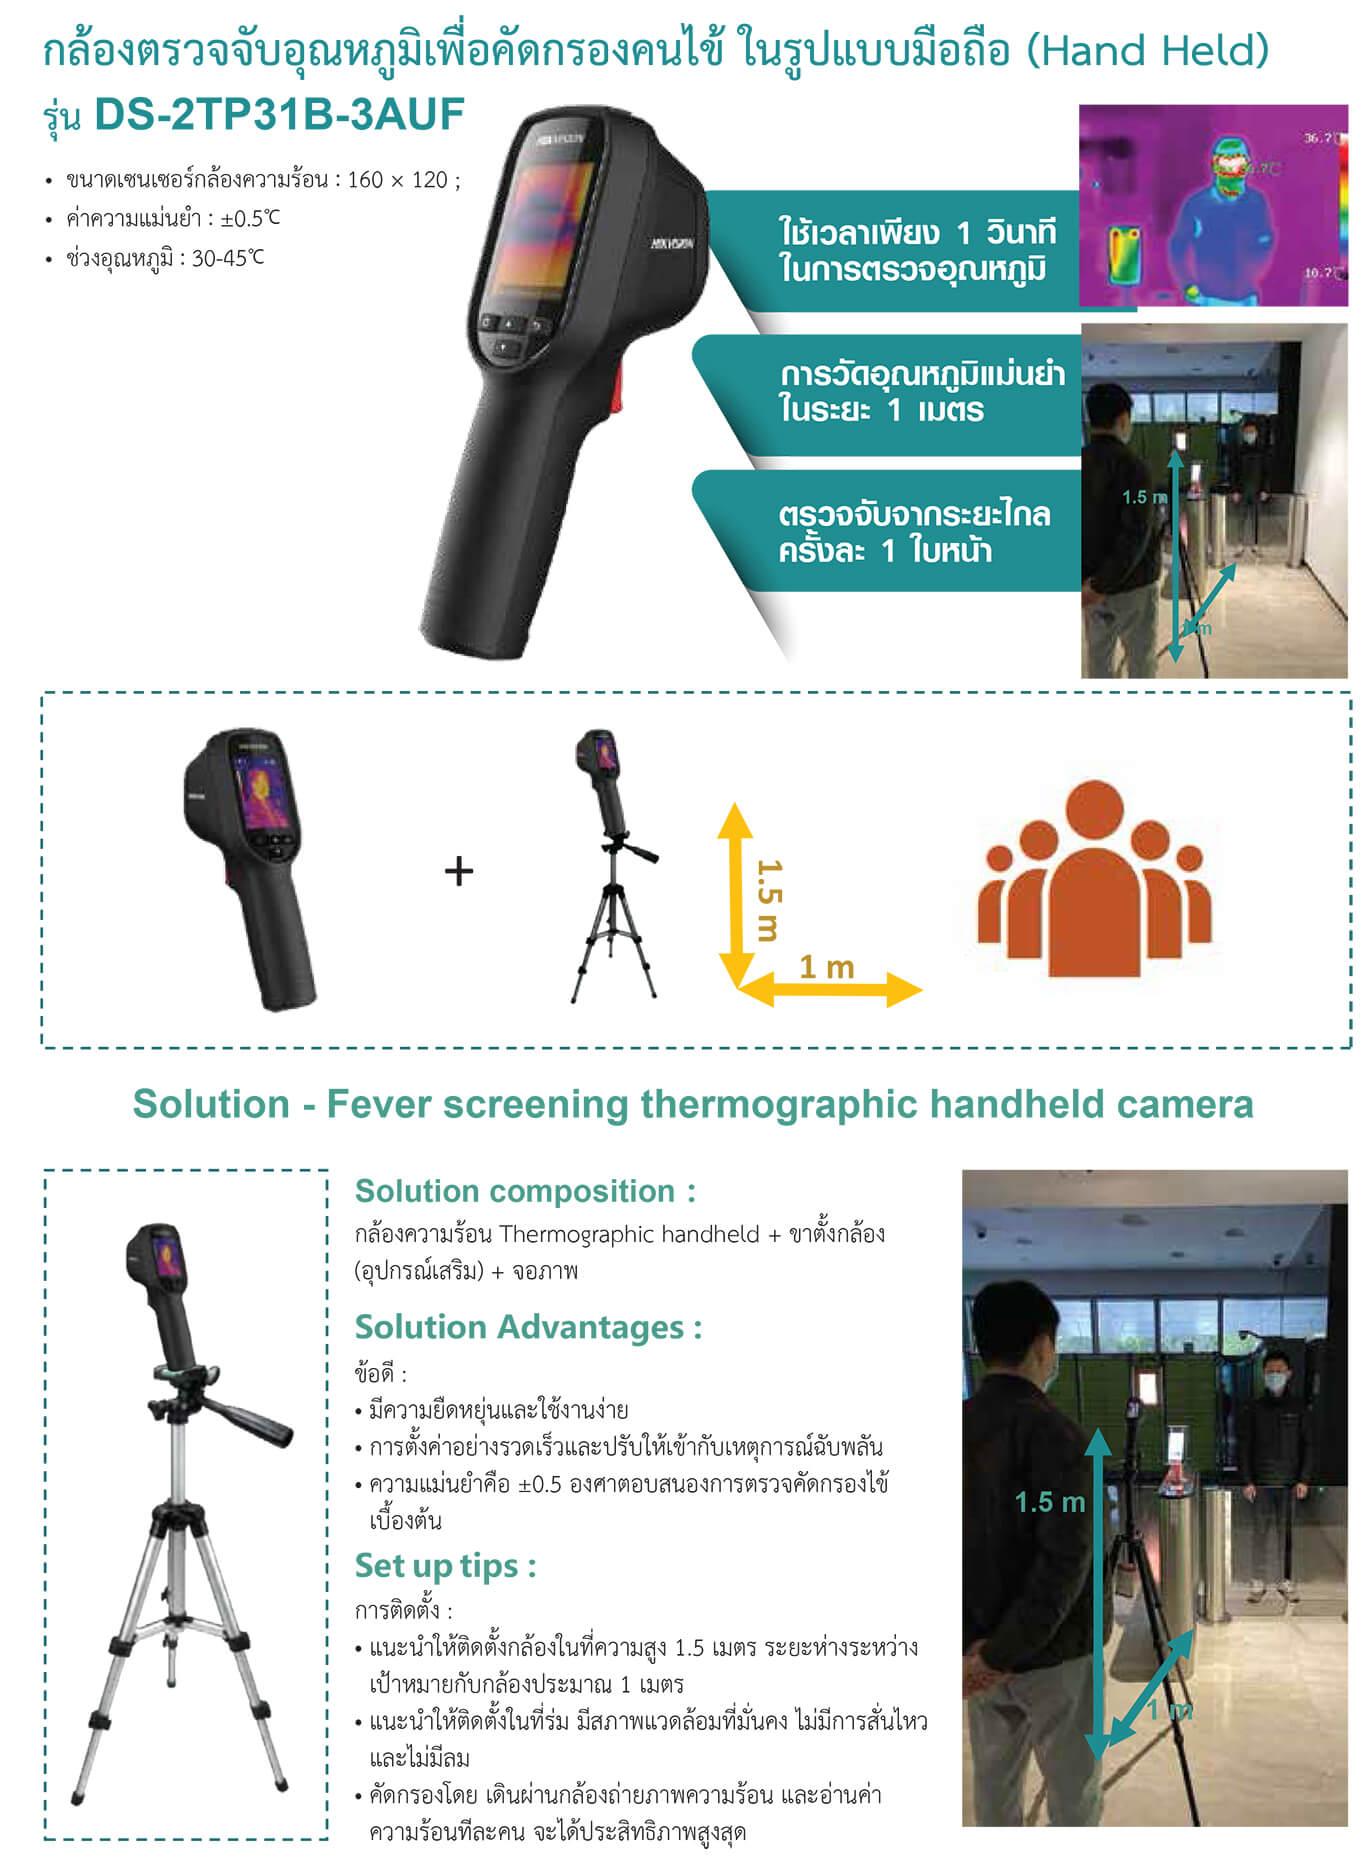 กล้องตรวจจับอุณหภูมิเพื่อคัดกรองคนไข้ HIKVISION